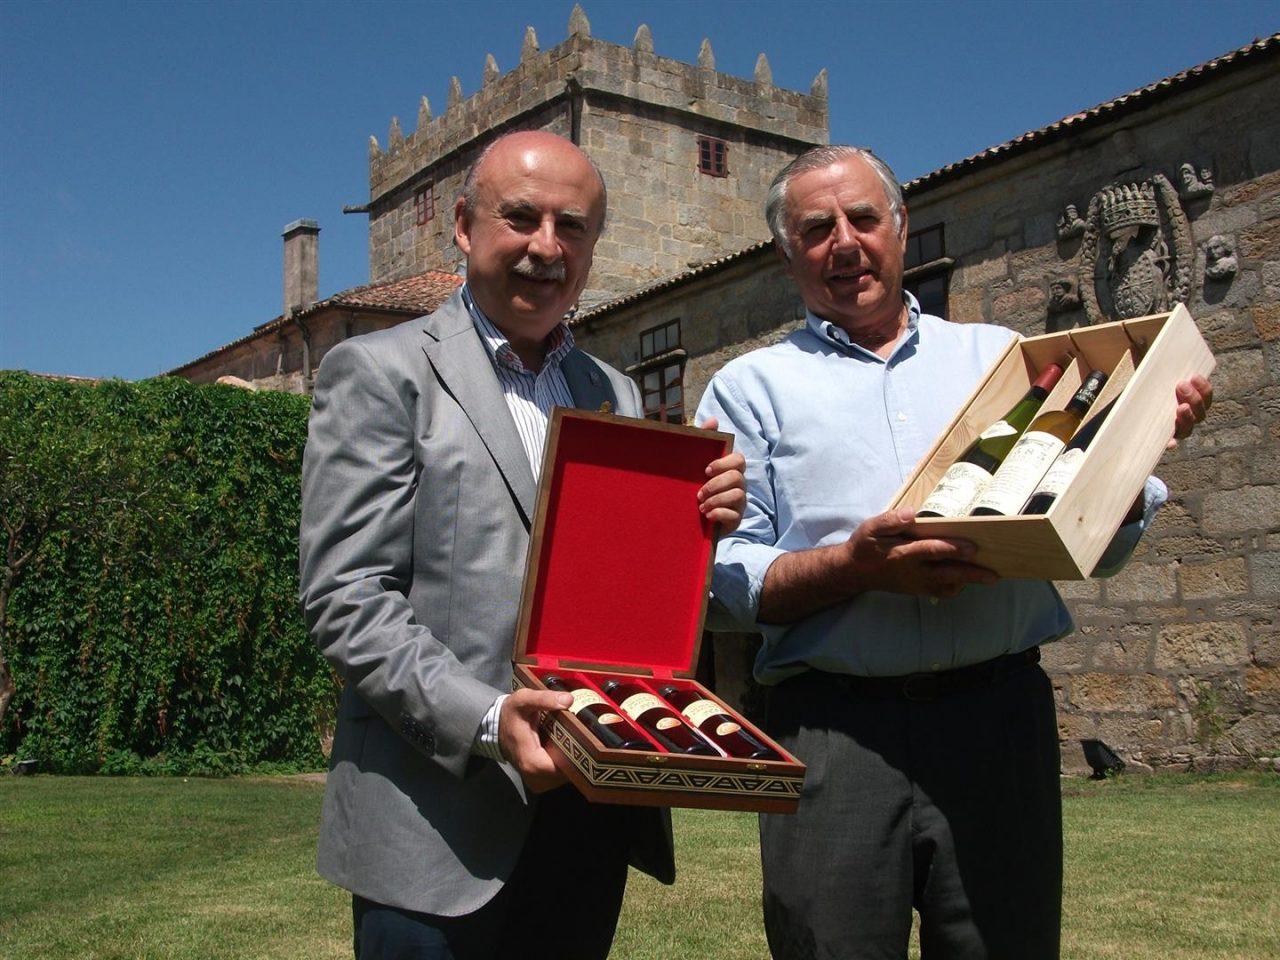 Acuerdo de colaboración entre las DO Sierra de Cazorla y del vino albariño Rías Baixas